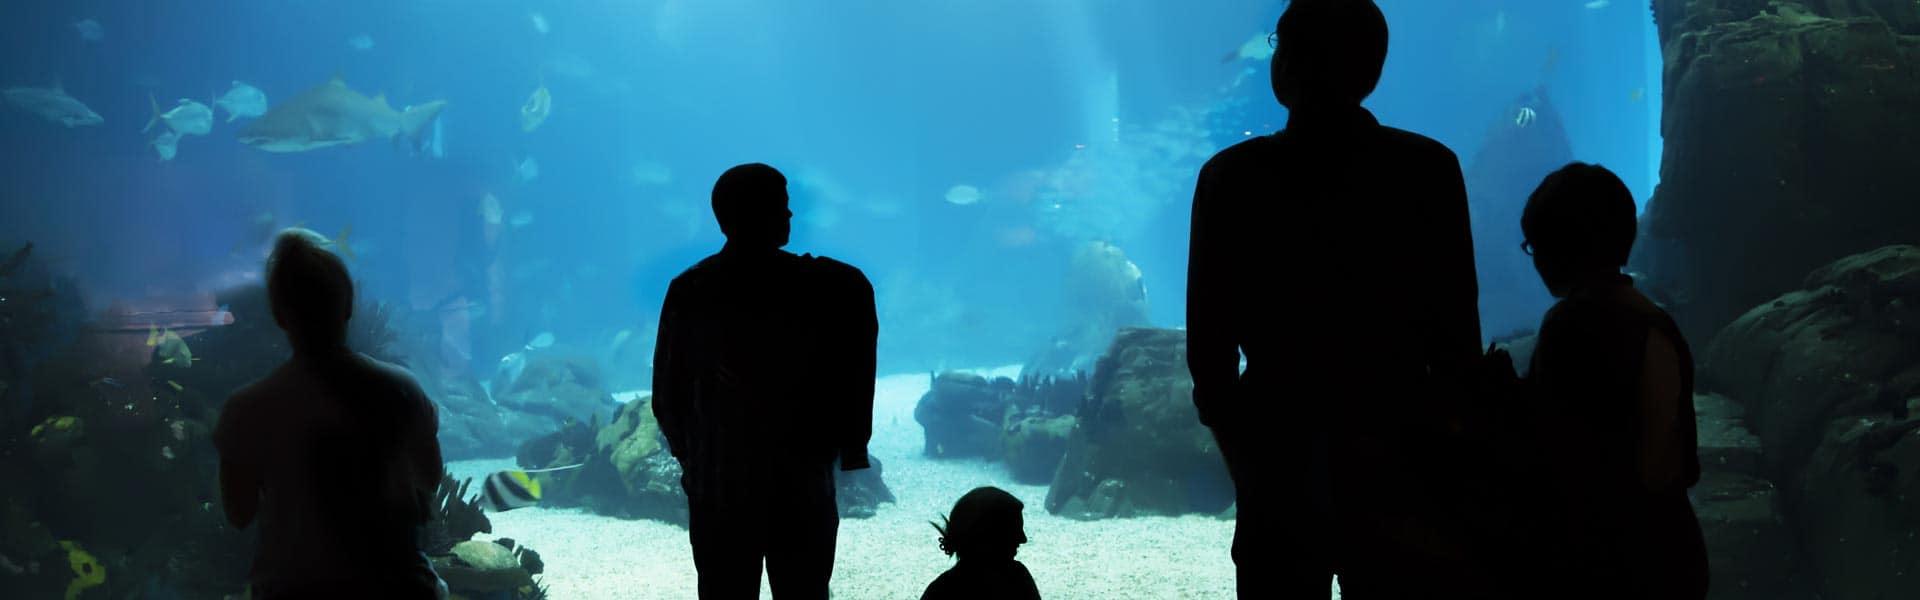 Tauchen Sie in die Unterwasserwelt des Aquarium Lissabon